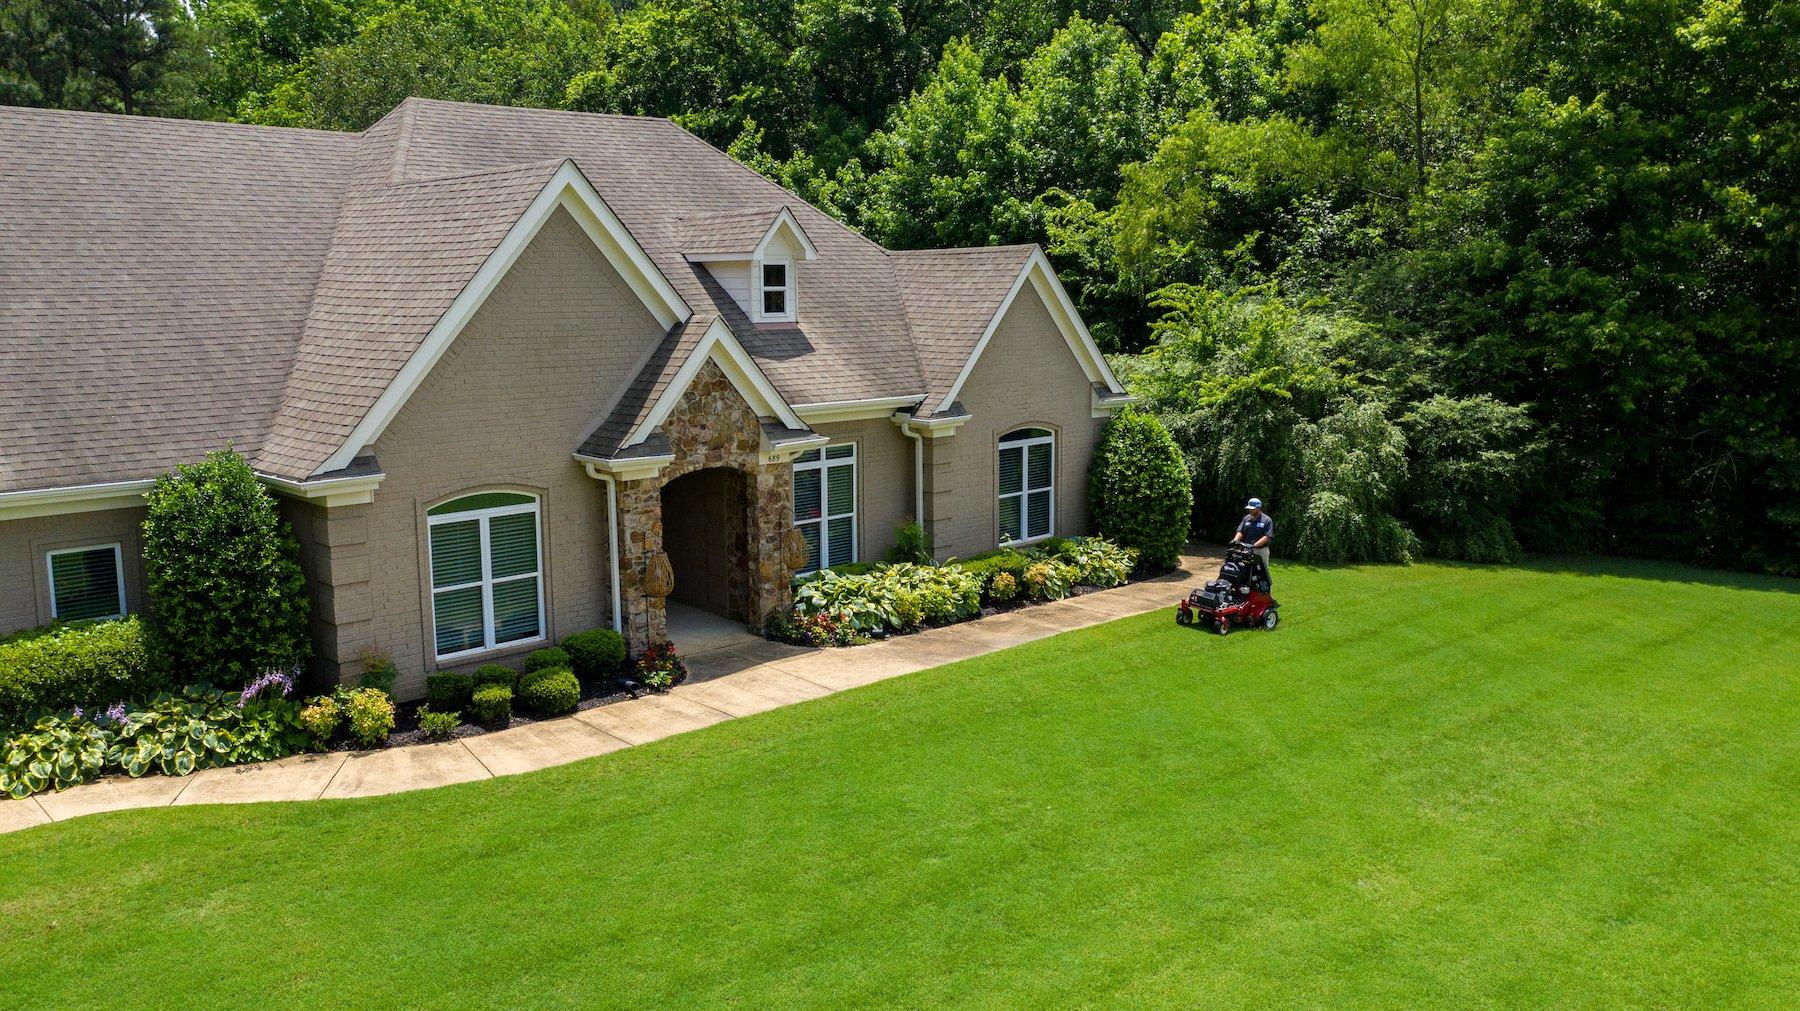 Master Lawn lawn care technician aerating lawn in Memphis, TN